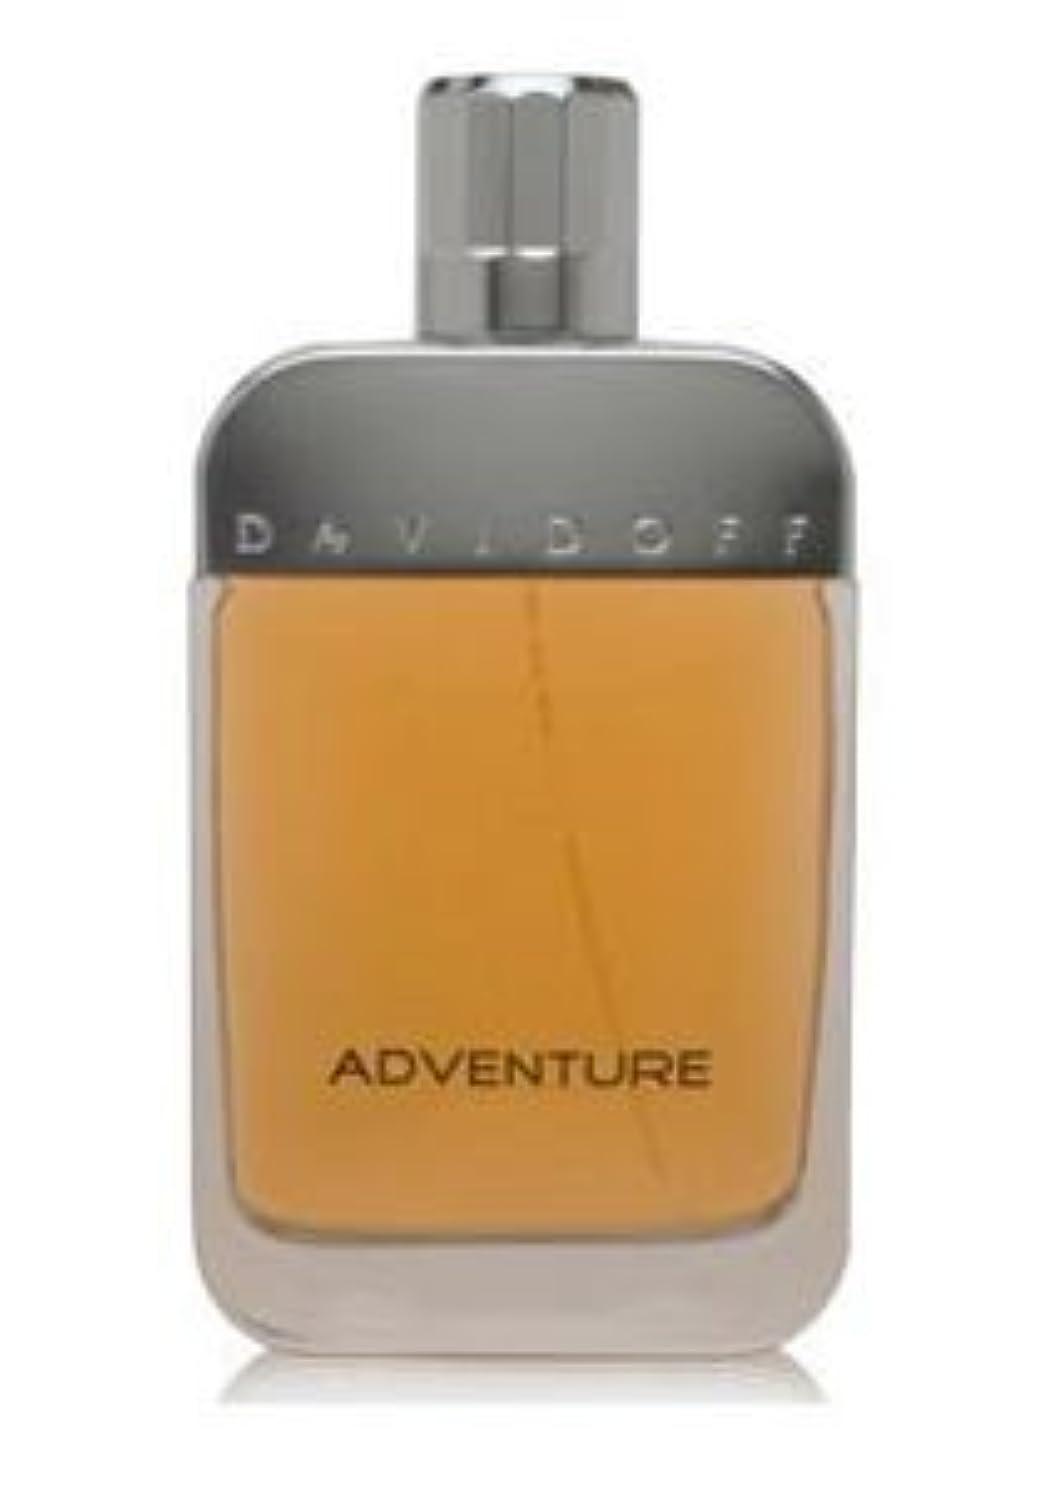 威信藤色珍しいAdventure (アドベンチャー) 3.4 oz (100ml) EDT Spray by Davidoff for men